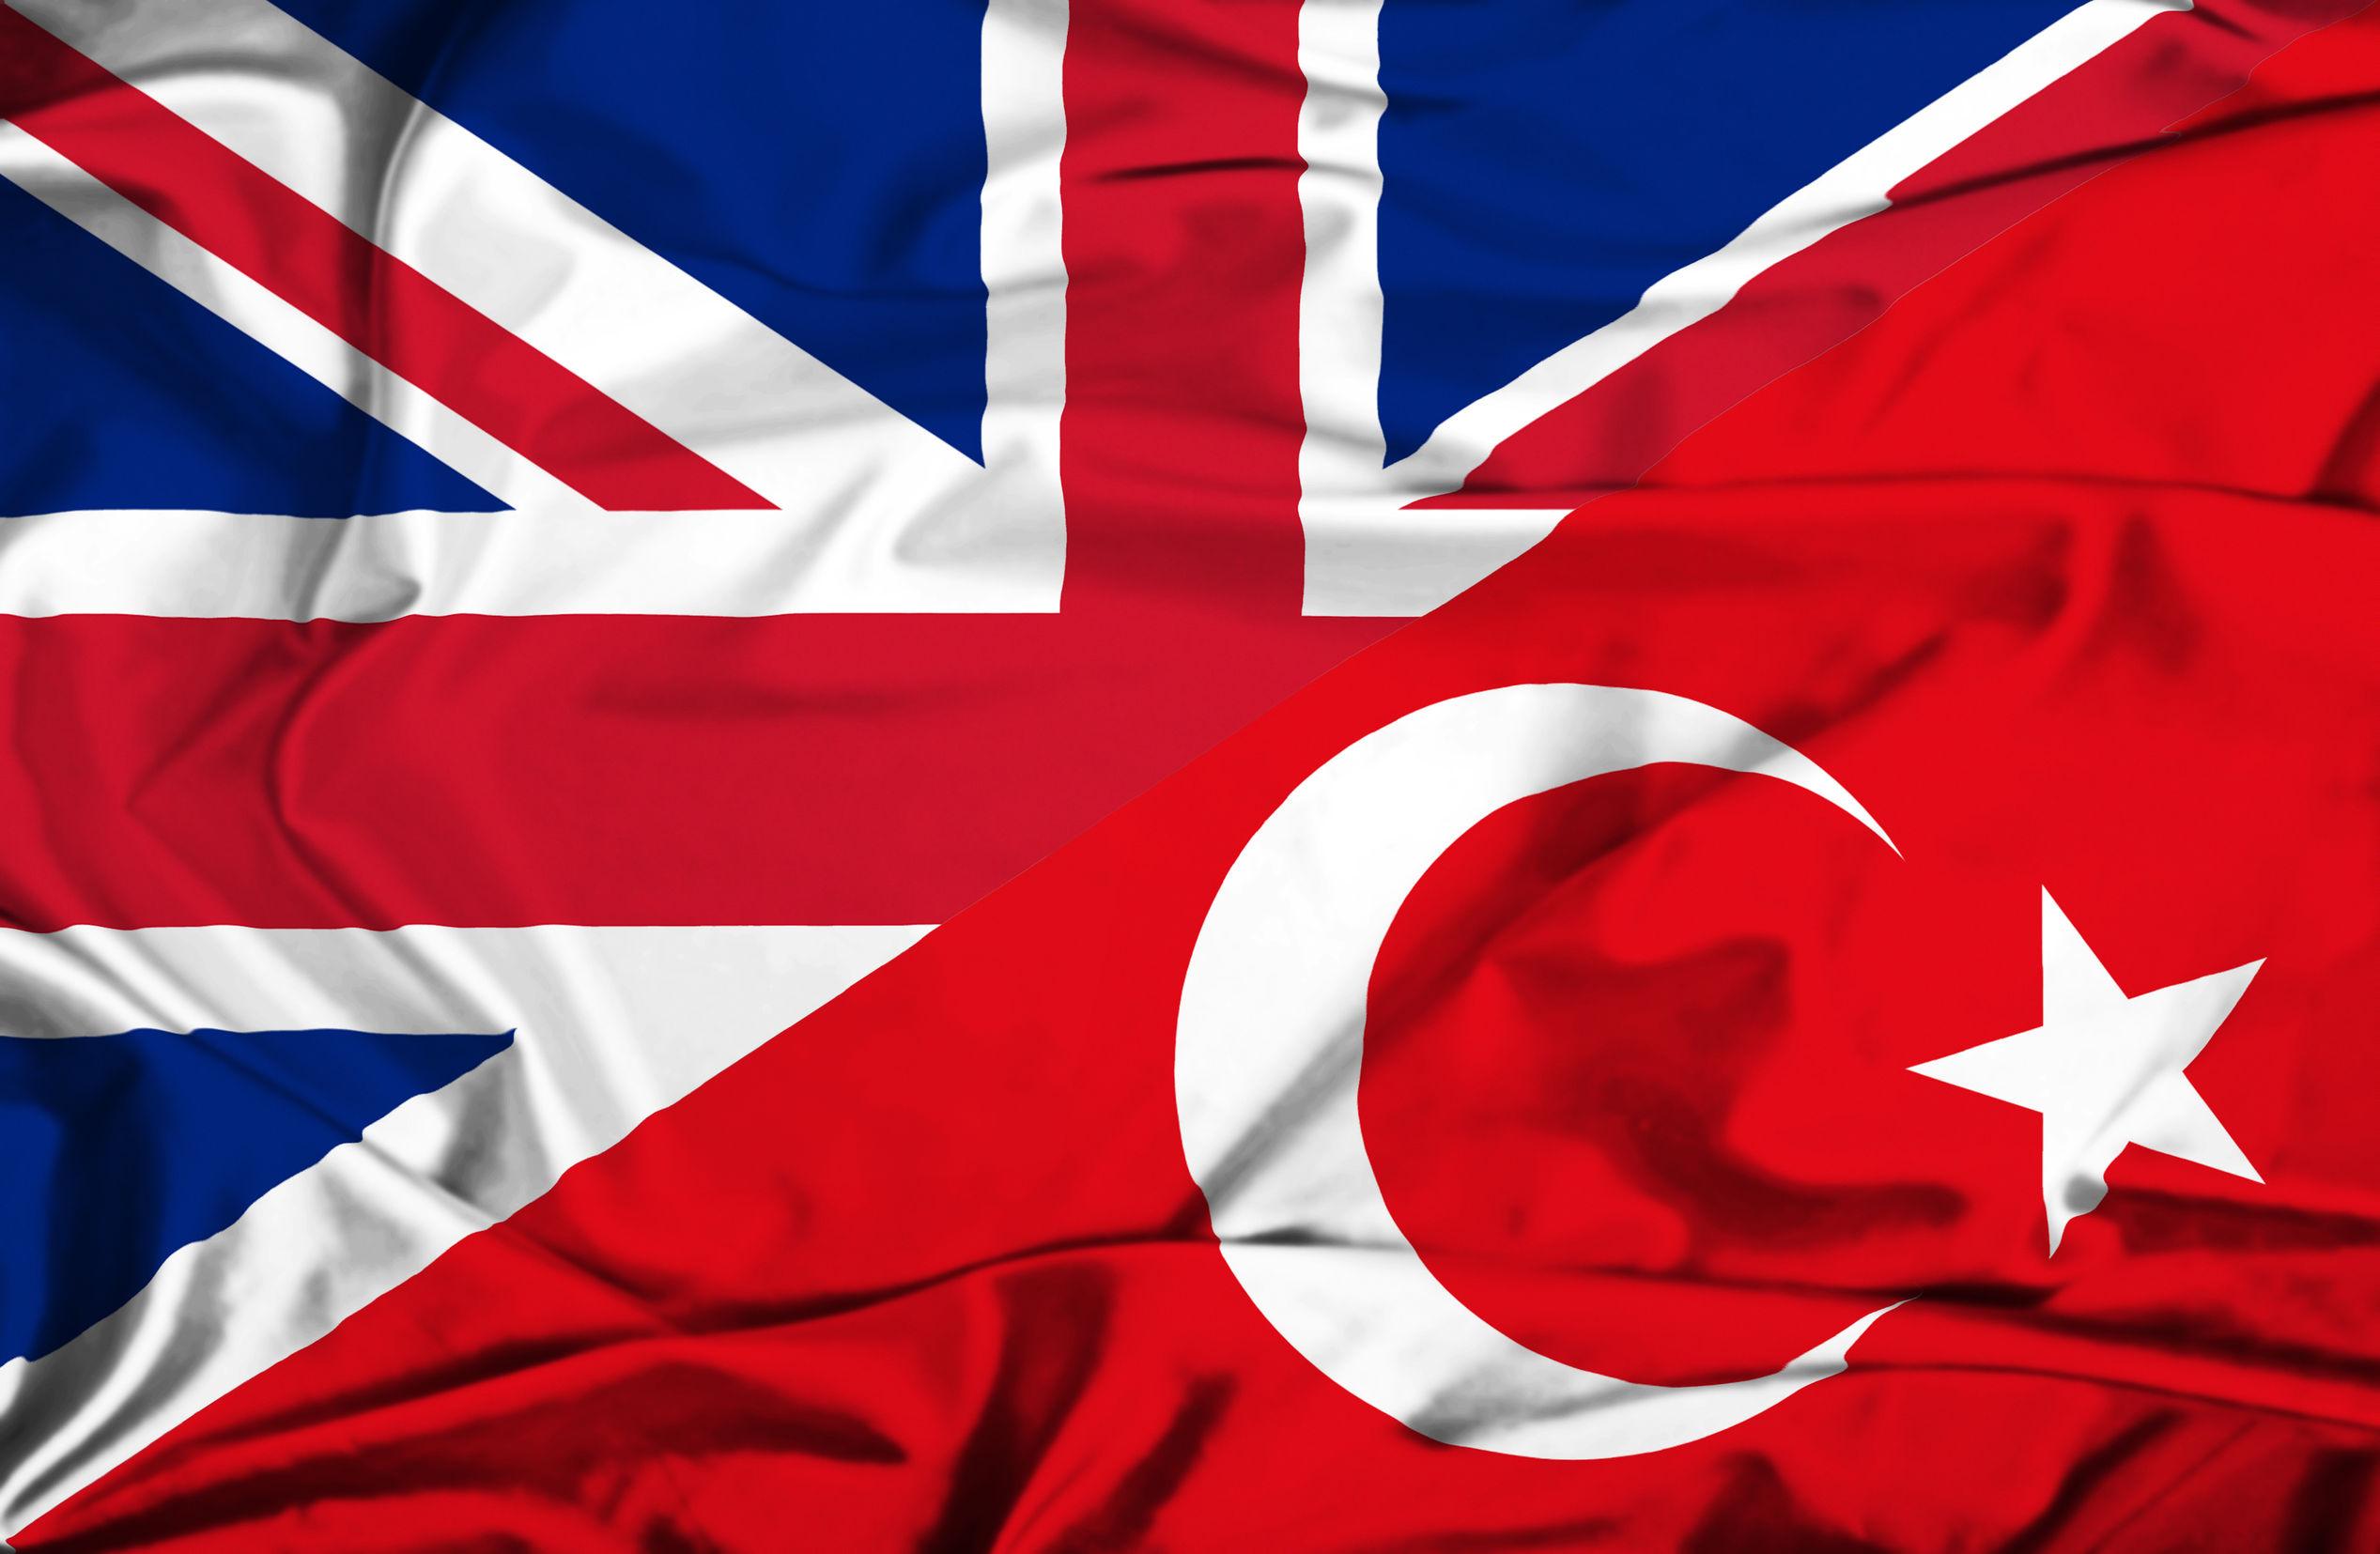 İngiltere Vize Başvuruları 23 Haziran İtibariyle Yeniden Başlıyor